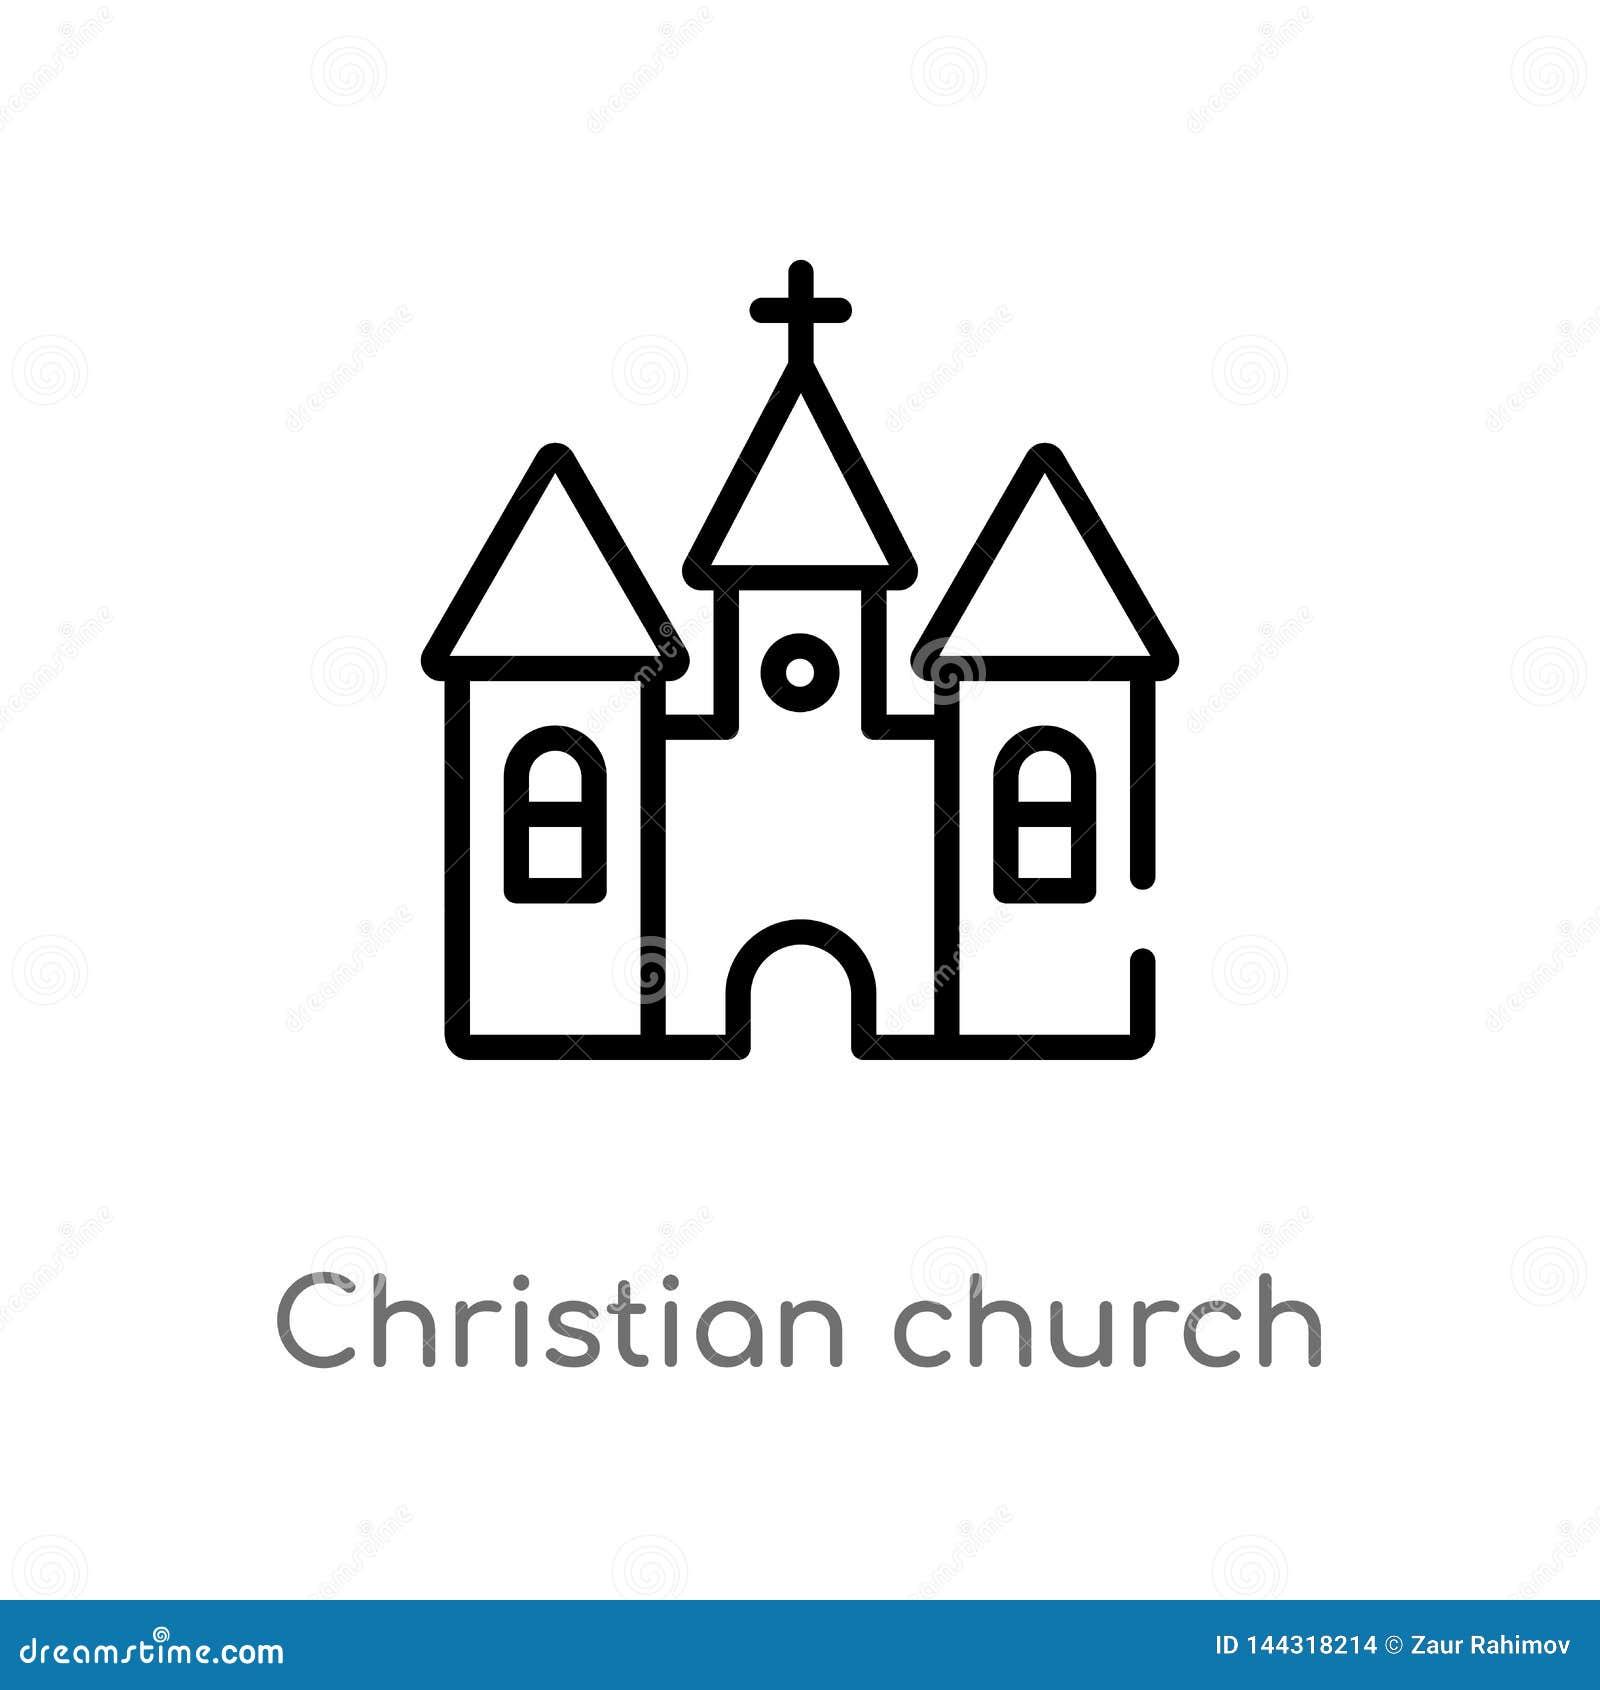 Vectorpictogram van de overzichts het christelijke kerk de geïsoleerde zwarte eenvoudige illustratie van het lijnelement van vorm